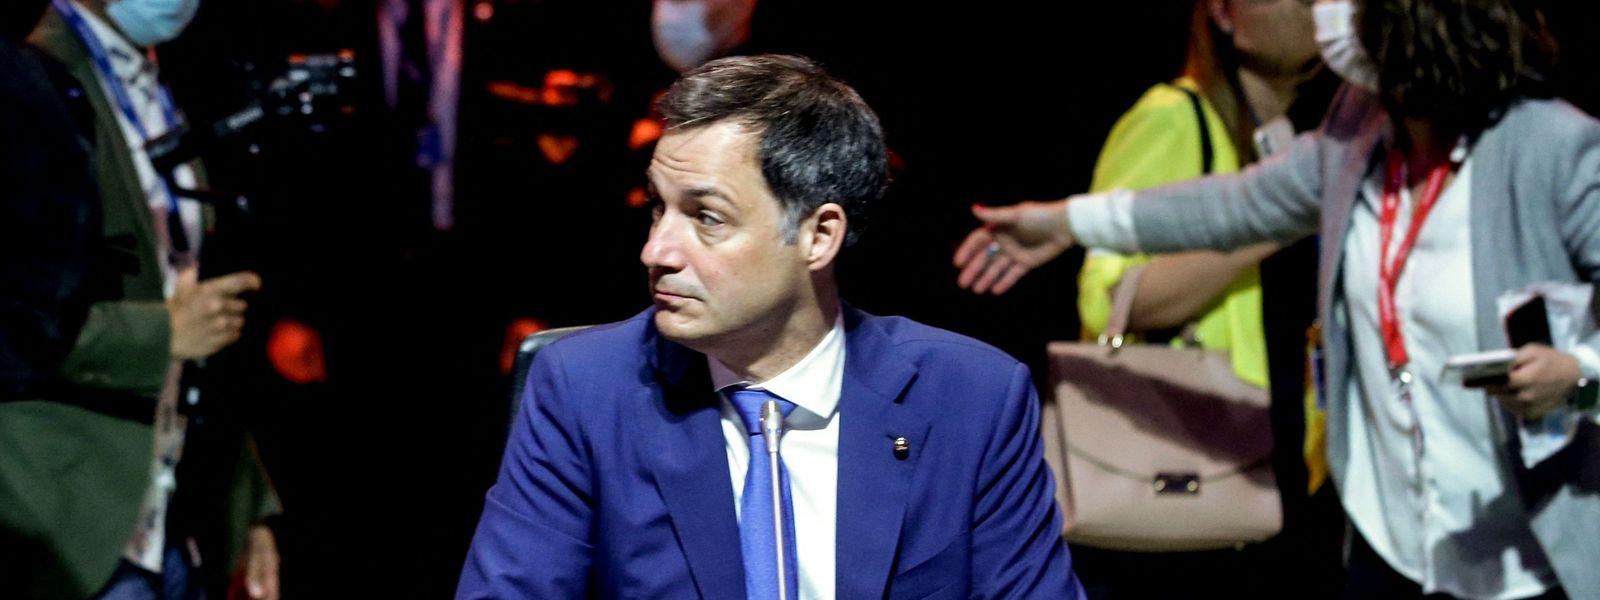 Le Premier ministre, Alexander De Croo, a lancé le débat d'une prochaine réforme constitutionnelle.